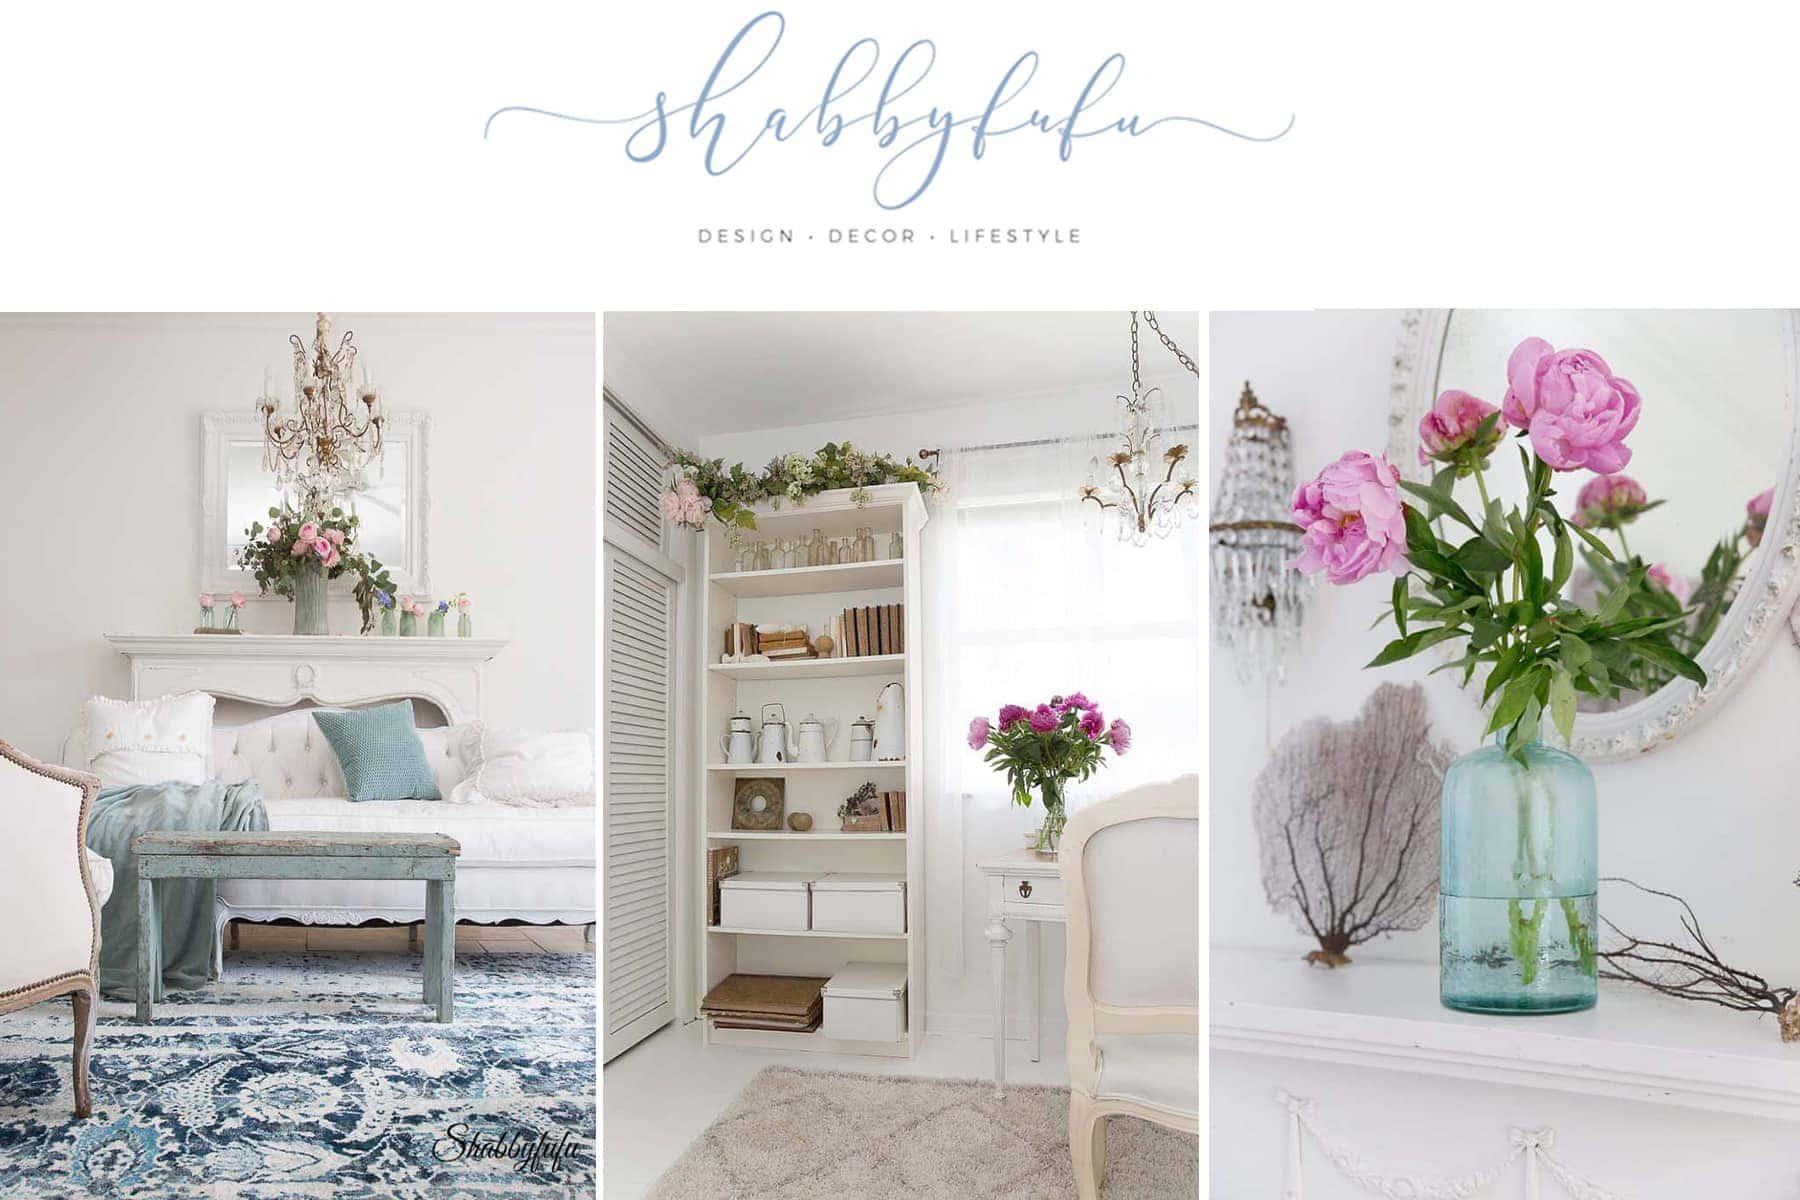 Style-Showcase-87-Shabbyfufu